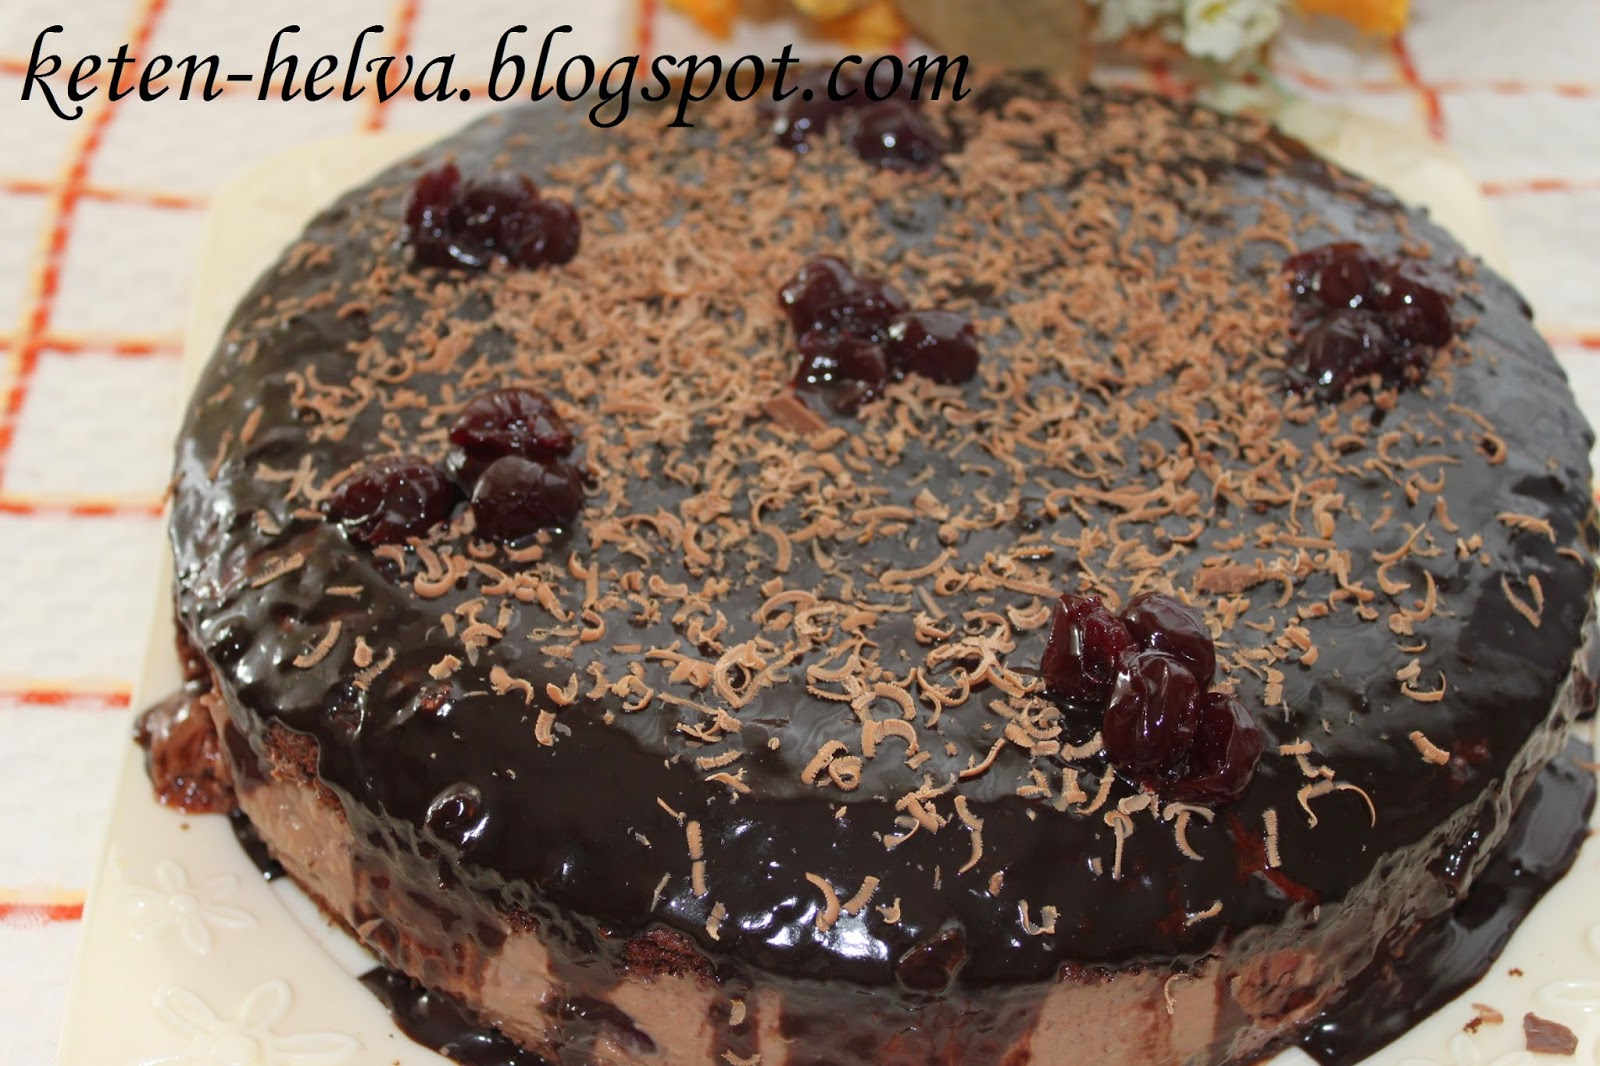 Çikolata Soslu Yaz Pastası Tarifi